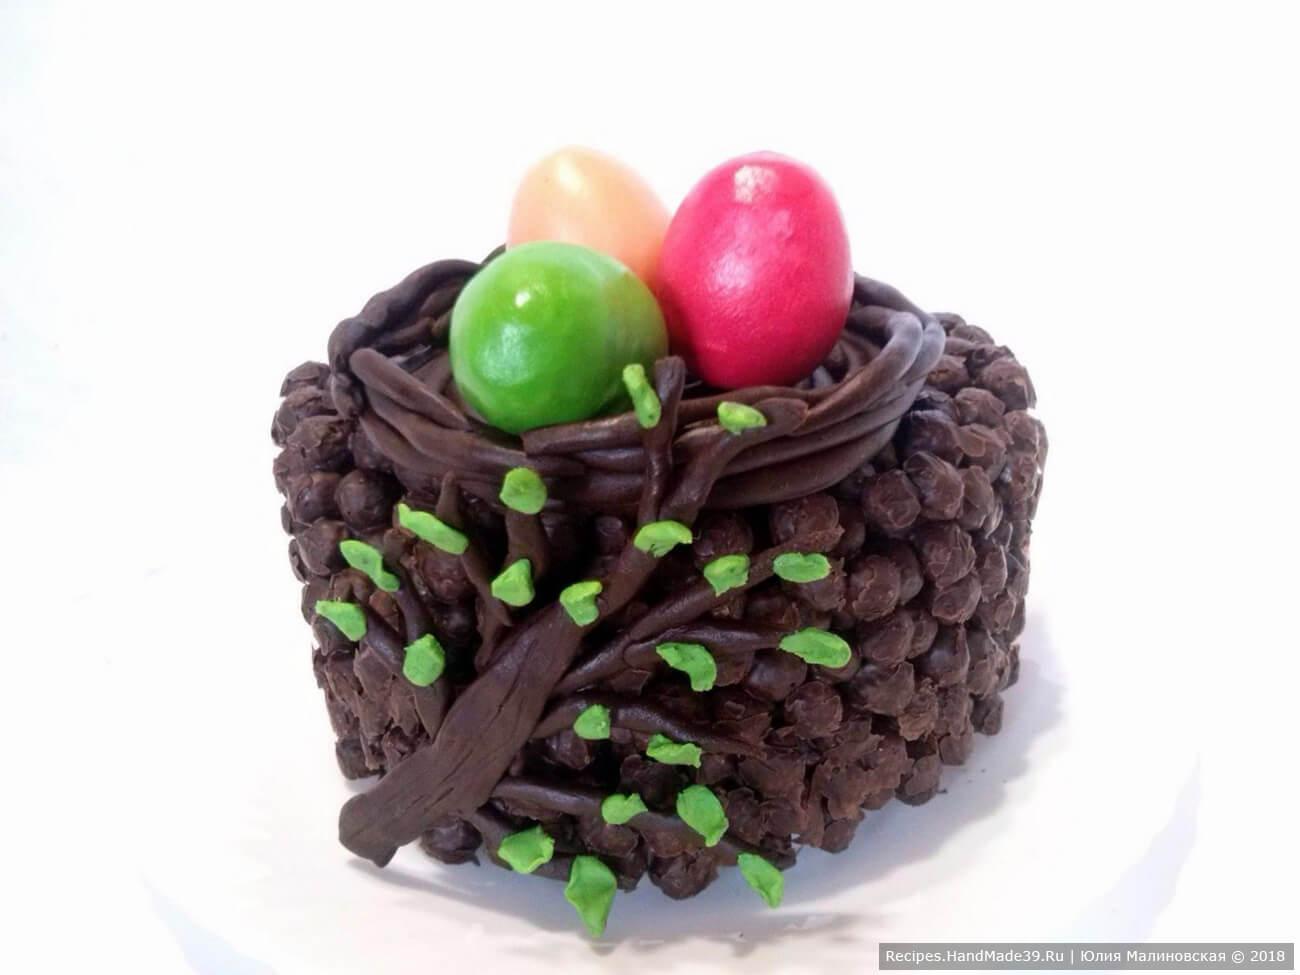 Наш пасхальный торт-корзинка из шоколадных шариков готов, приятного аппетита!